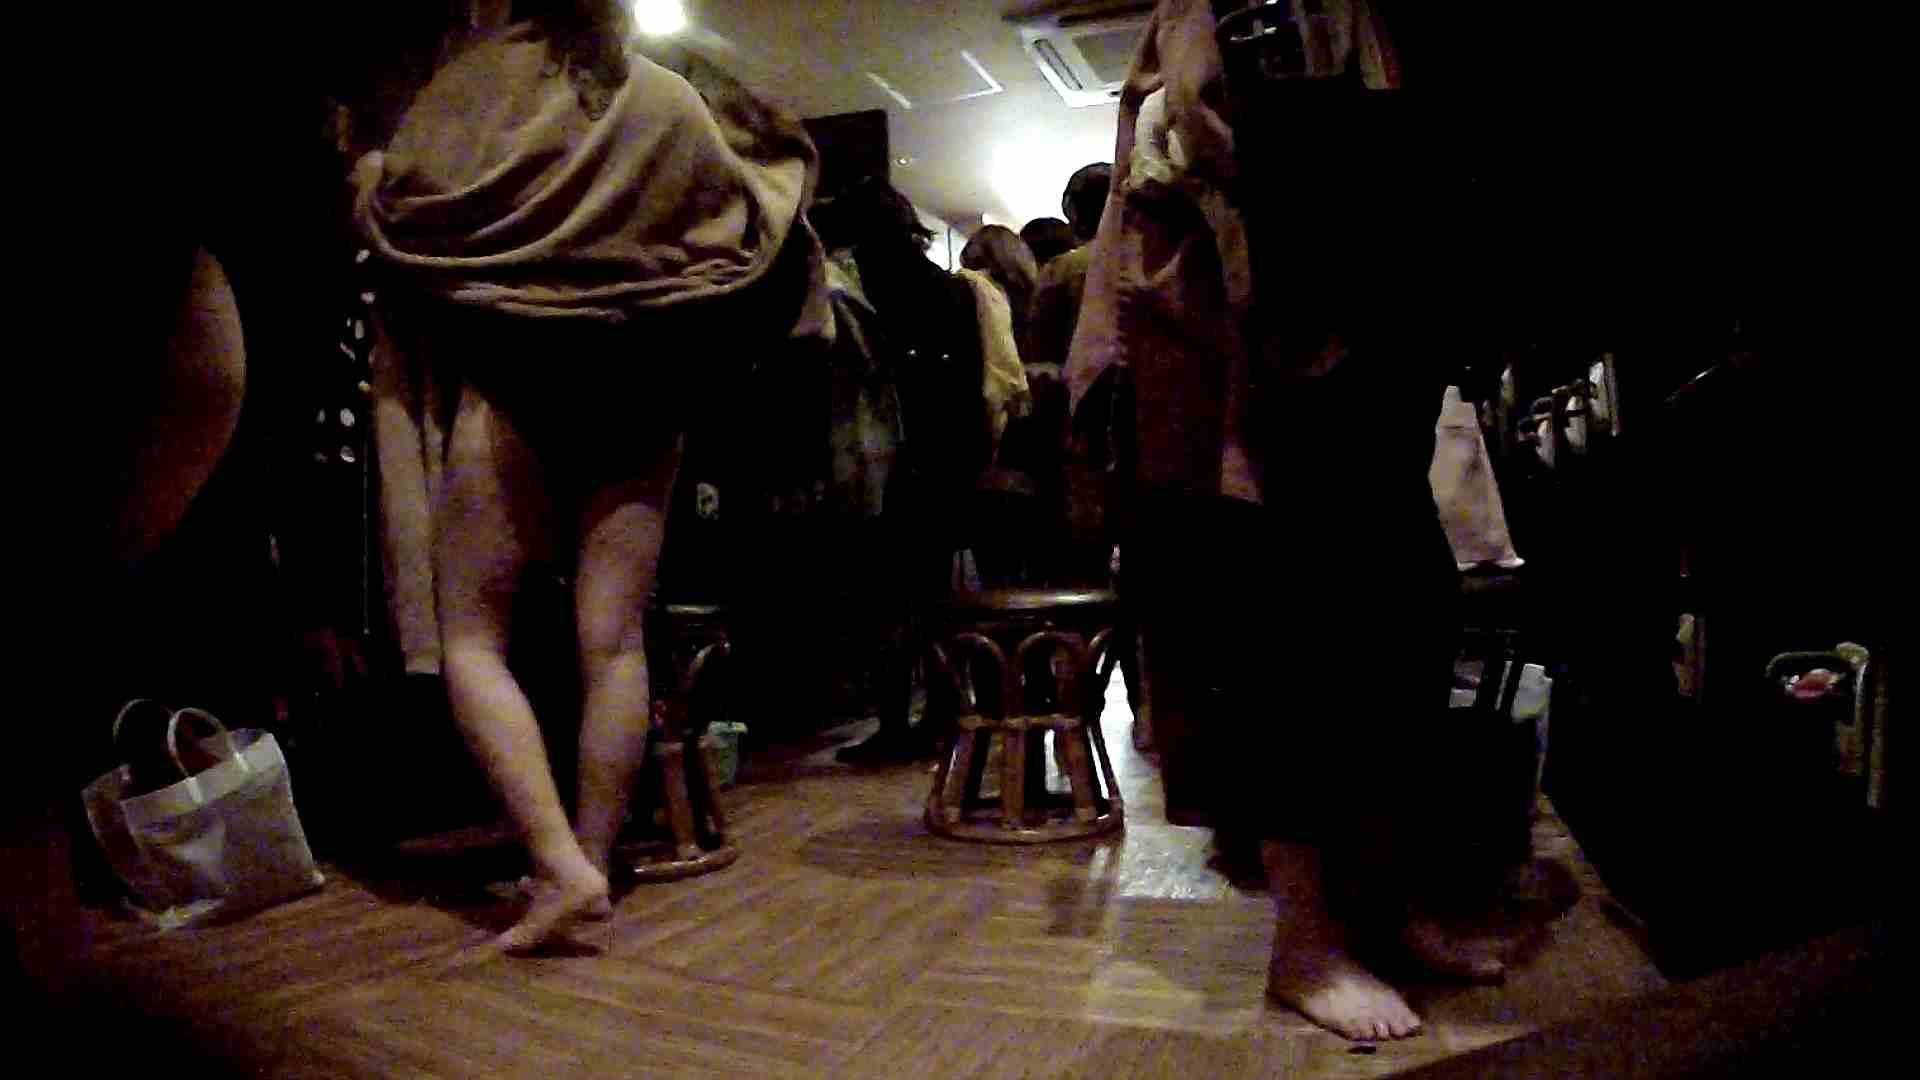 脱衣所!オムニバス 大混雑!注目はあの人の御御足でしょう。 女湯のぞき オマンコ無修正動画無料 109枚 61